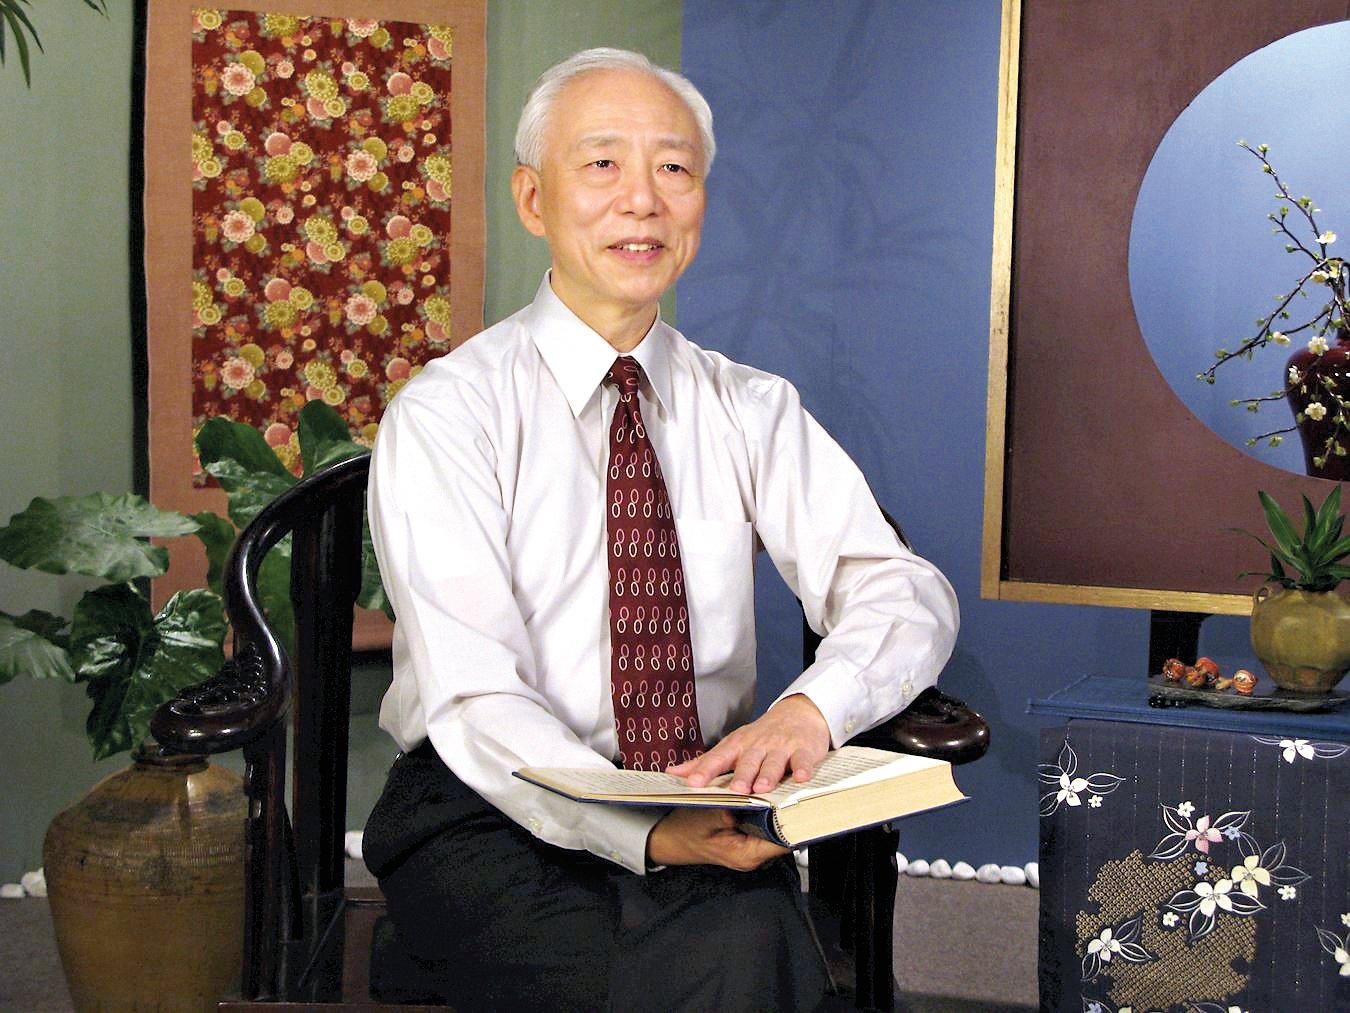 胡乃文在不斷實修中體悟到修命與修心、道德和健康的直接關係,他表示整個看病的過程就是他修煉的過程。(明慧網)